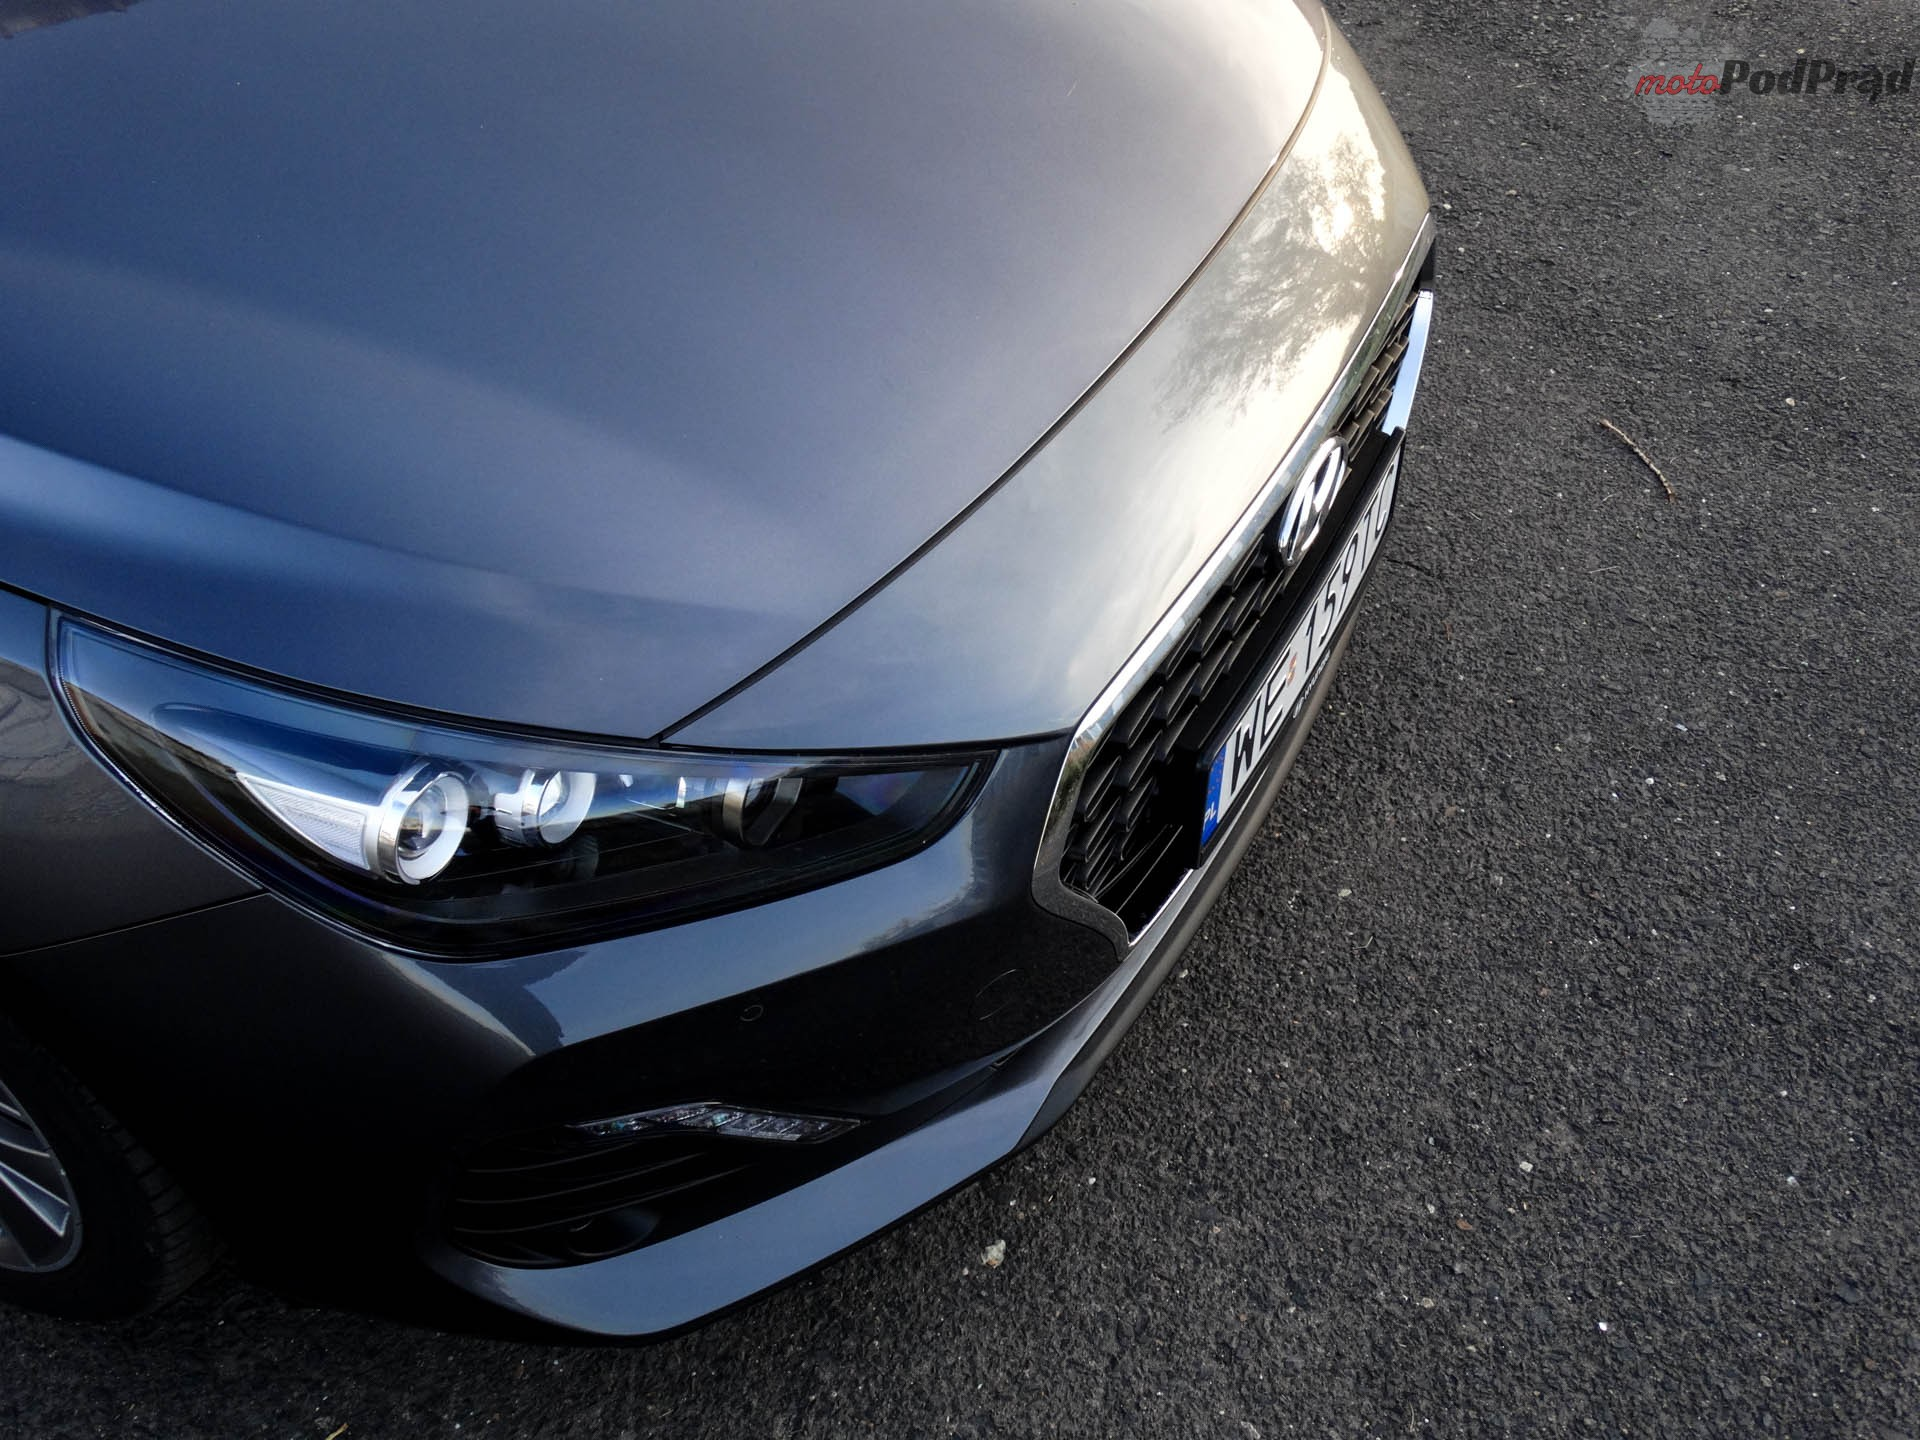 Hyundai i30 fastback 5 Test: Hyundai i30 fastback czyli kolejny krok milowy marki